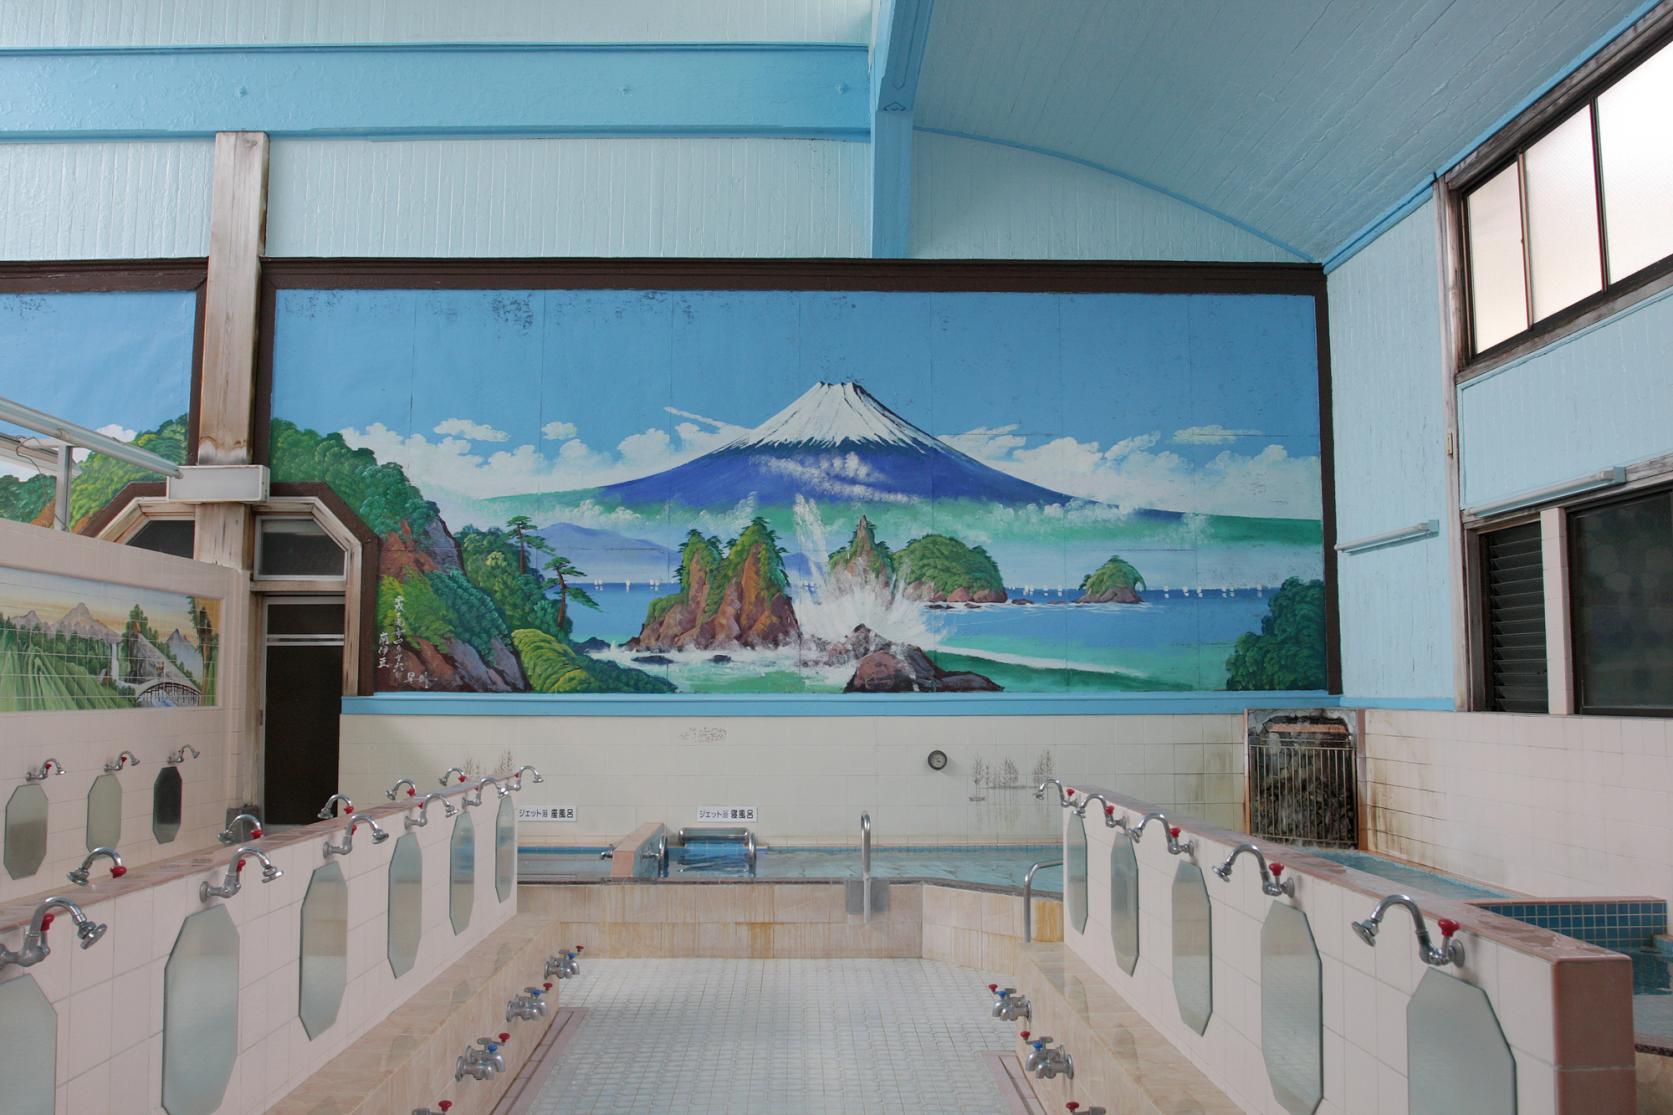 公共澡堂也用溫泉水-1